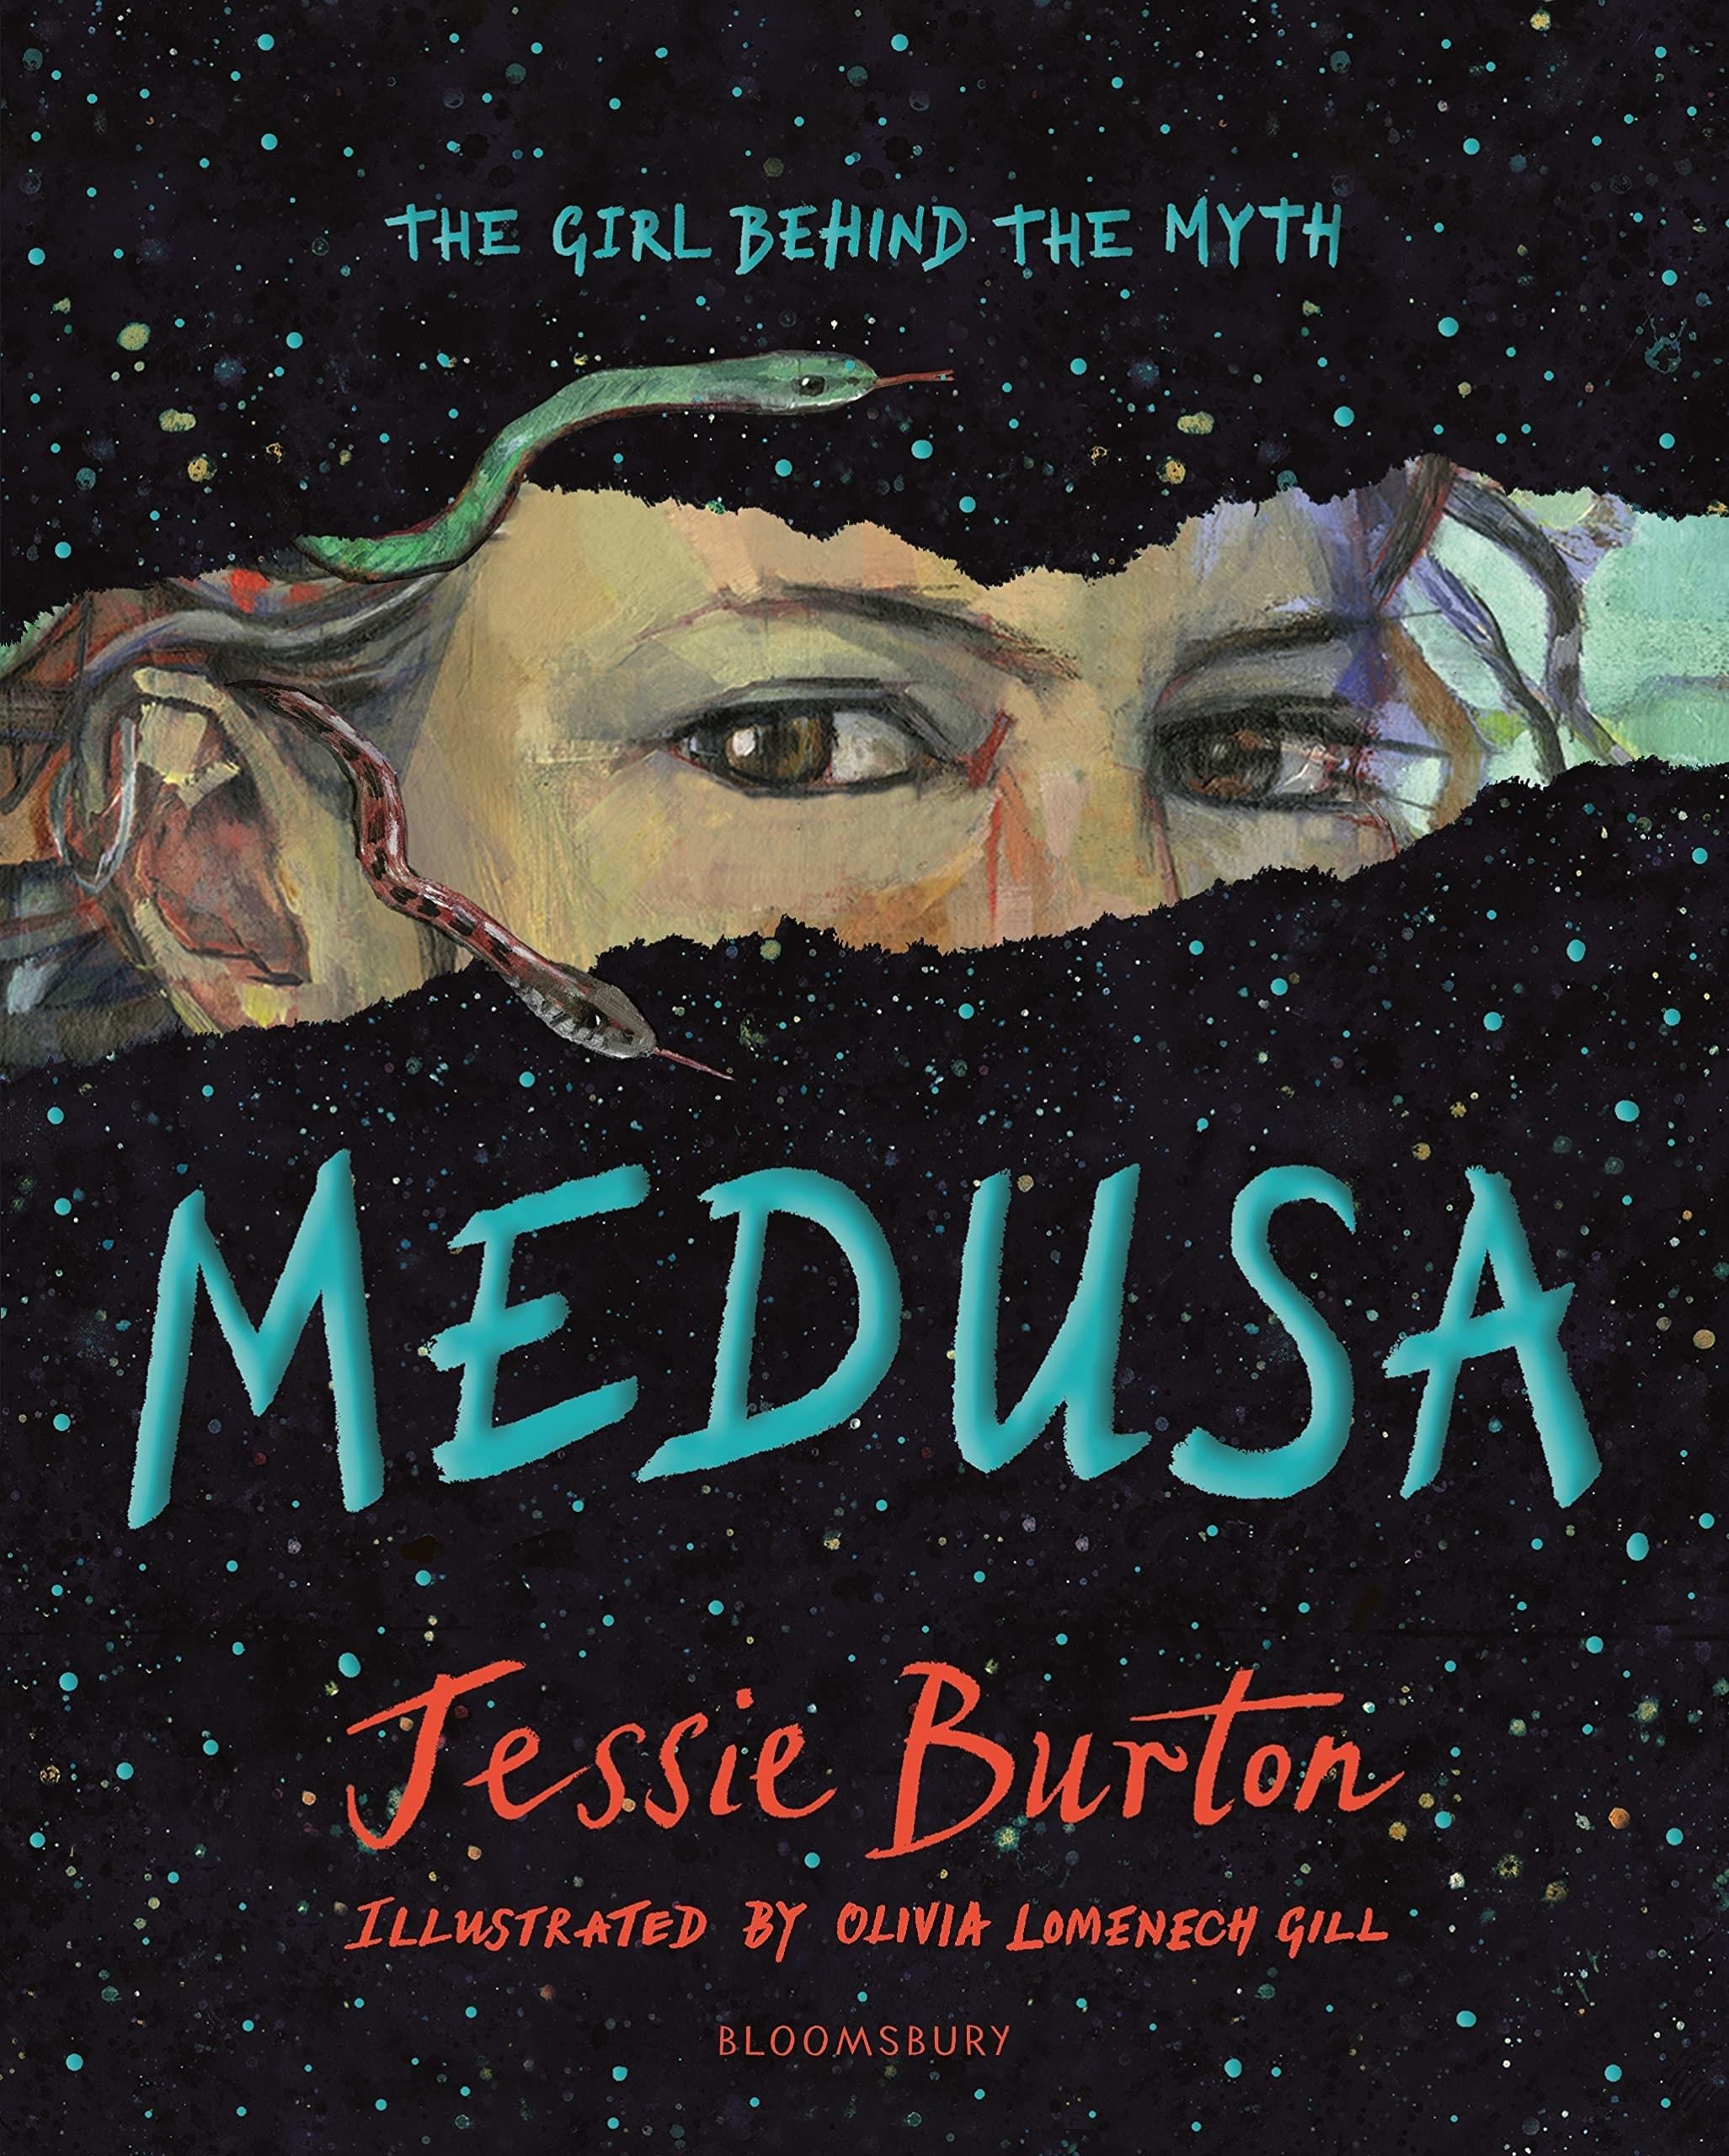 Medusa cover. Book by Jessie Burton.